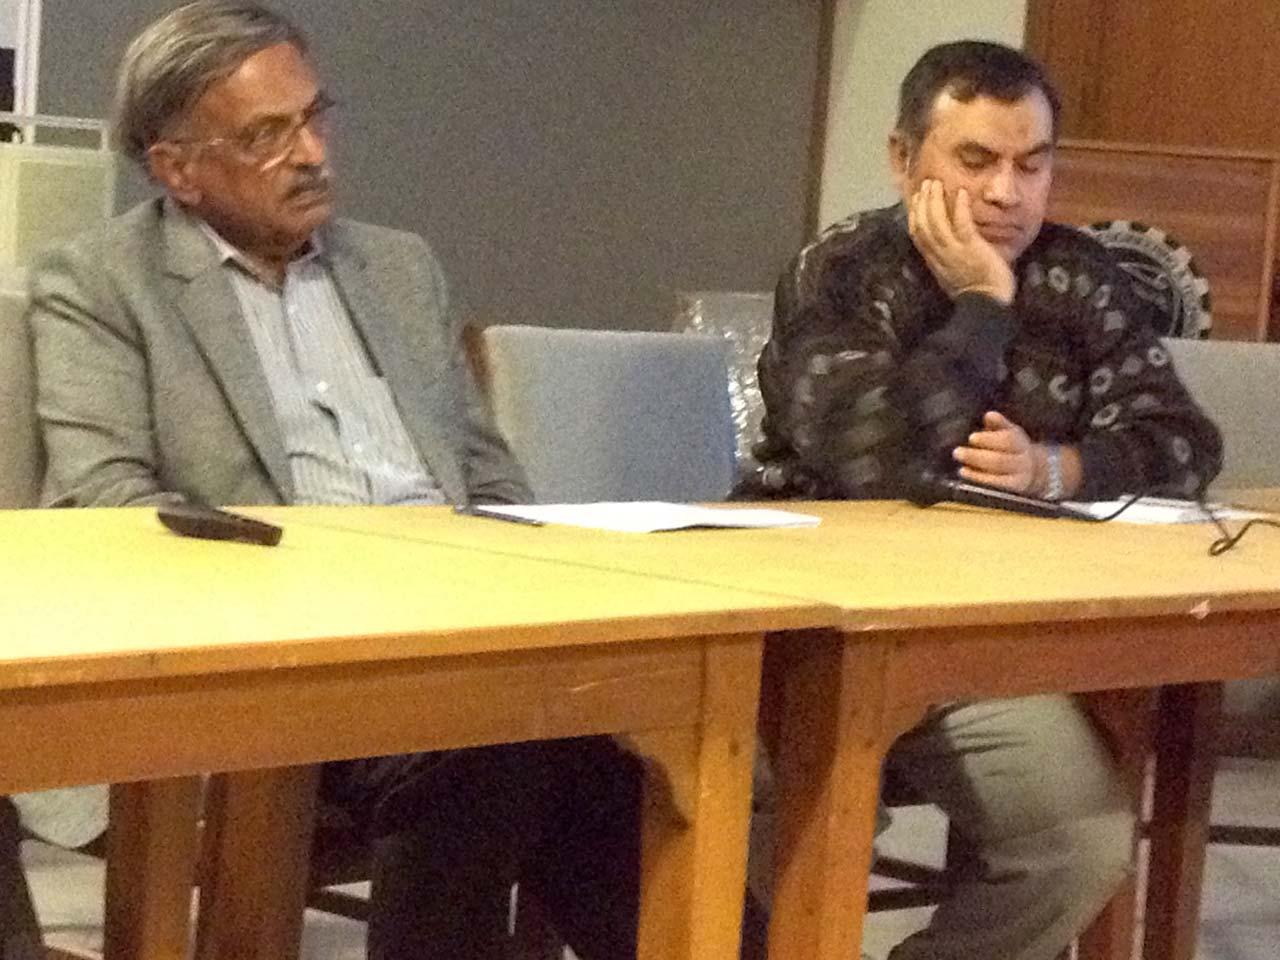 Engr. Badar Khan and Prof. Dr. Noman Ahmad